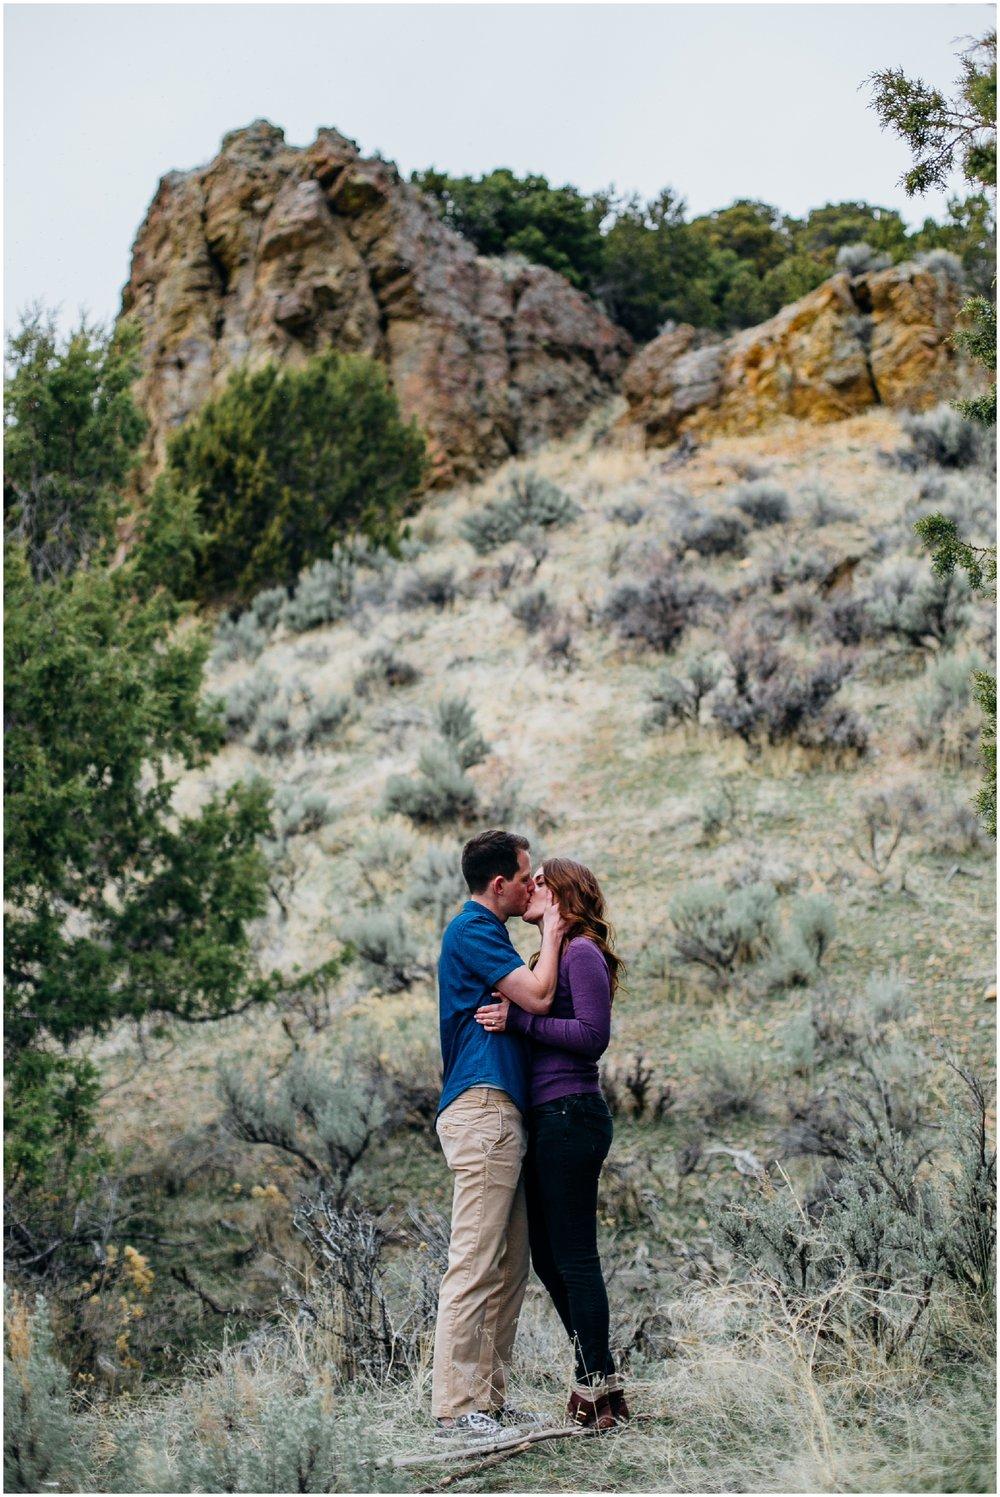 idaho-adventure-photographer-kelly-canyon-idaho-falls-engagements-wyoming-engagements-colorado-wyoming-wedding-photographer_1116.jpg